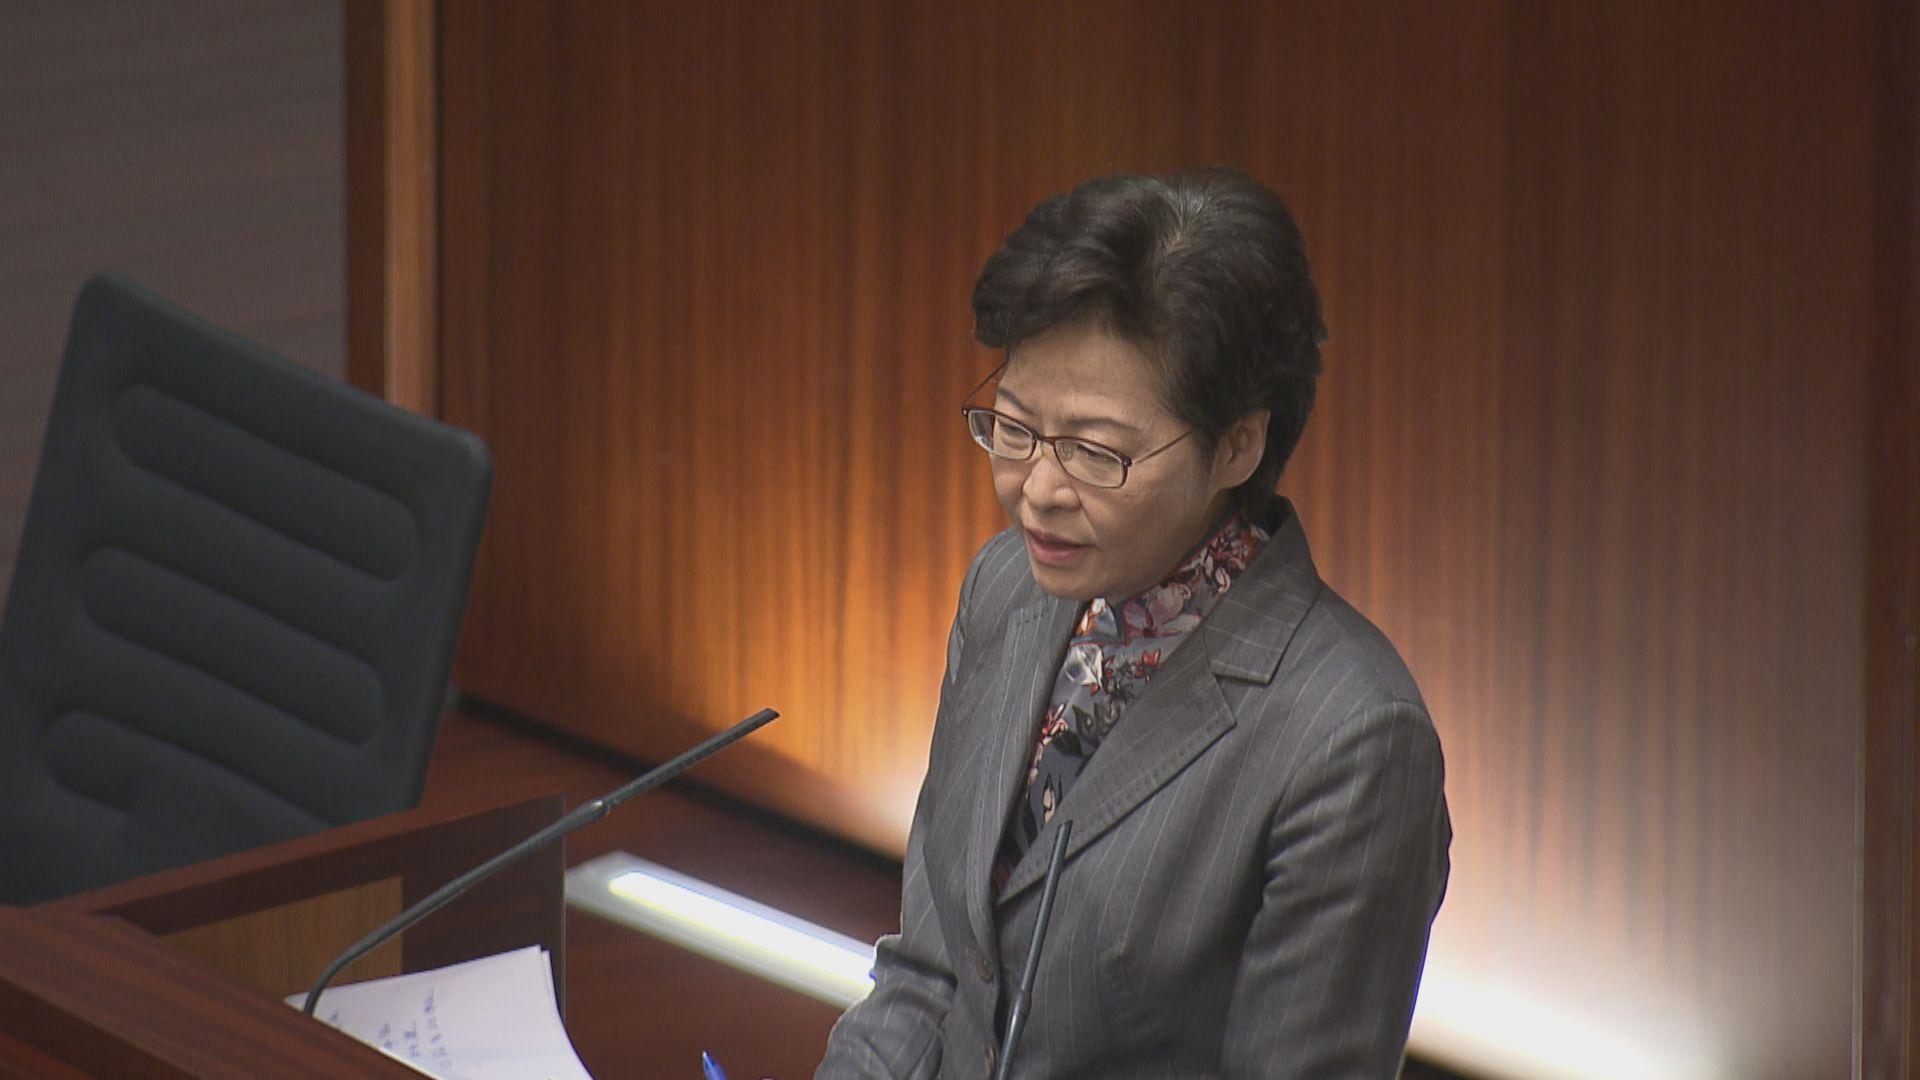 林鄭承諾每月到立法會 跟進議題30日內有回應